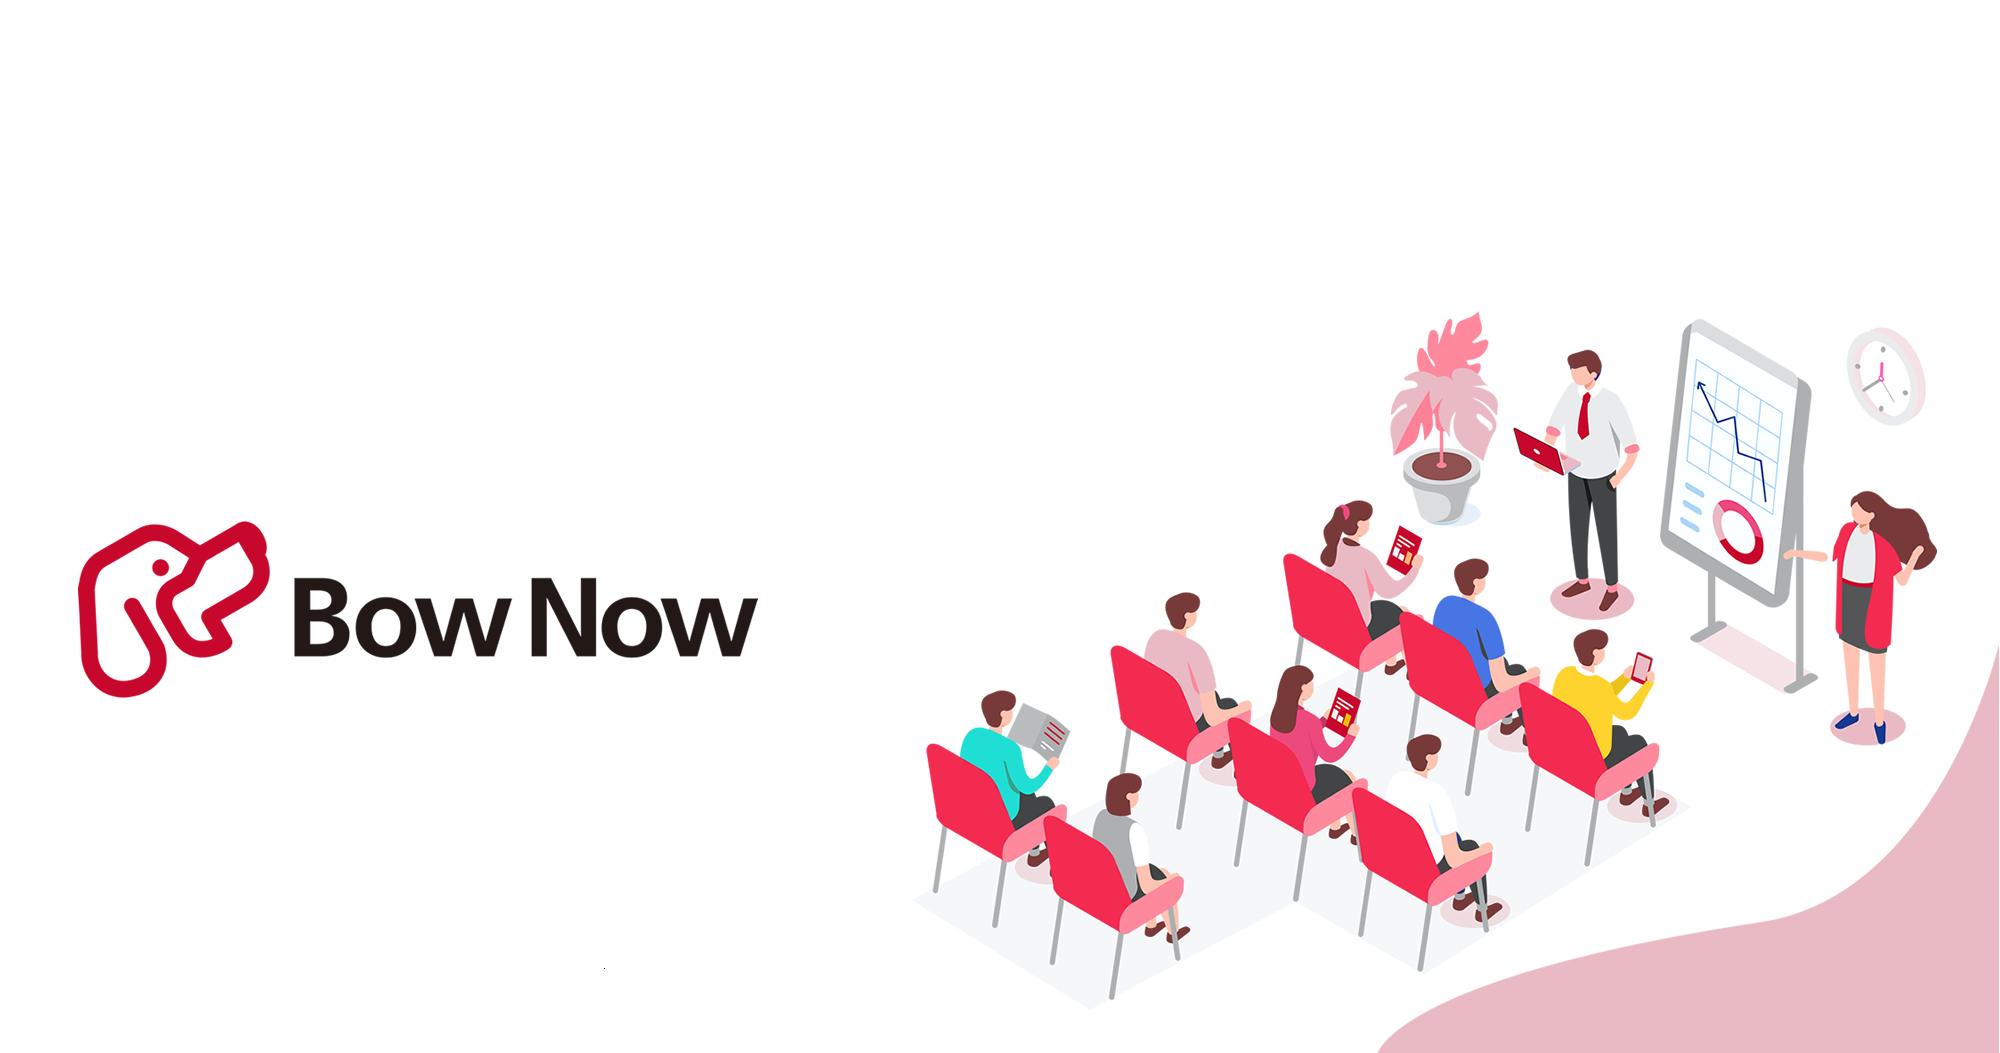 【6月5日(金)】マーケティングオートメーション「BowNow(バウナウ)」ハンズオンセミナー